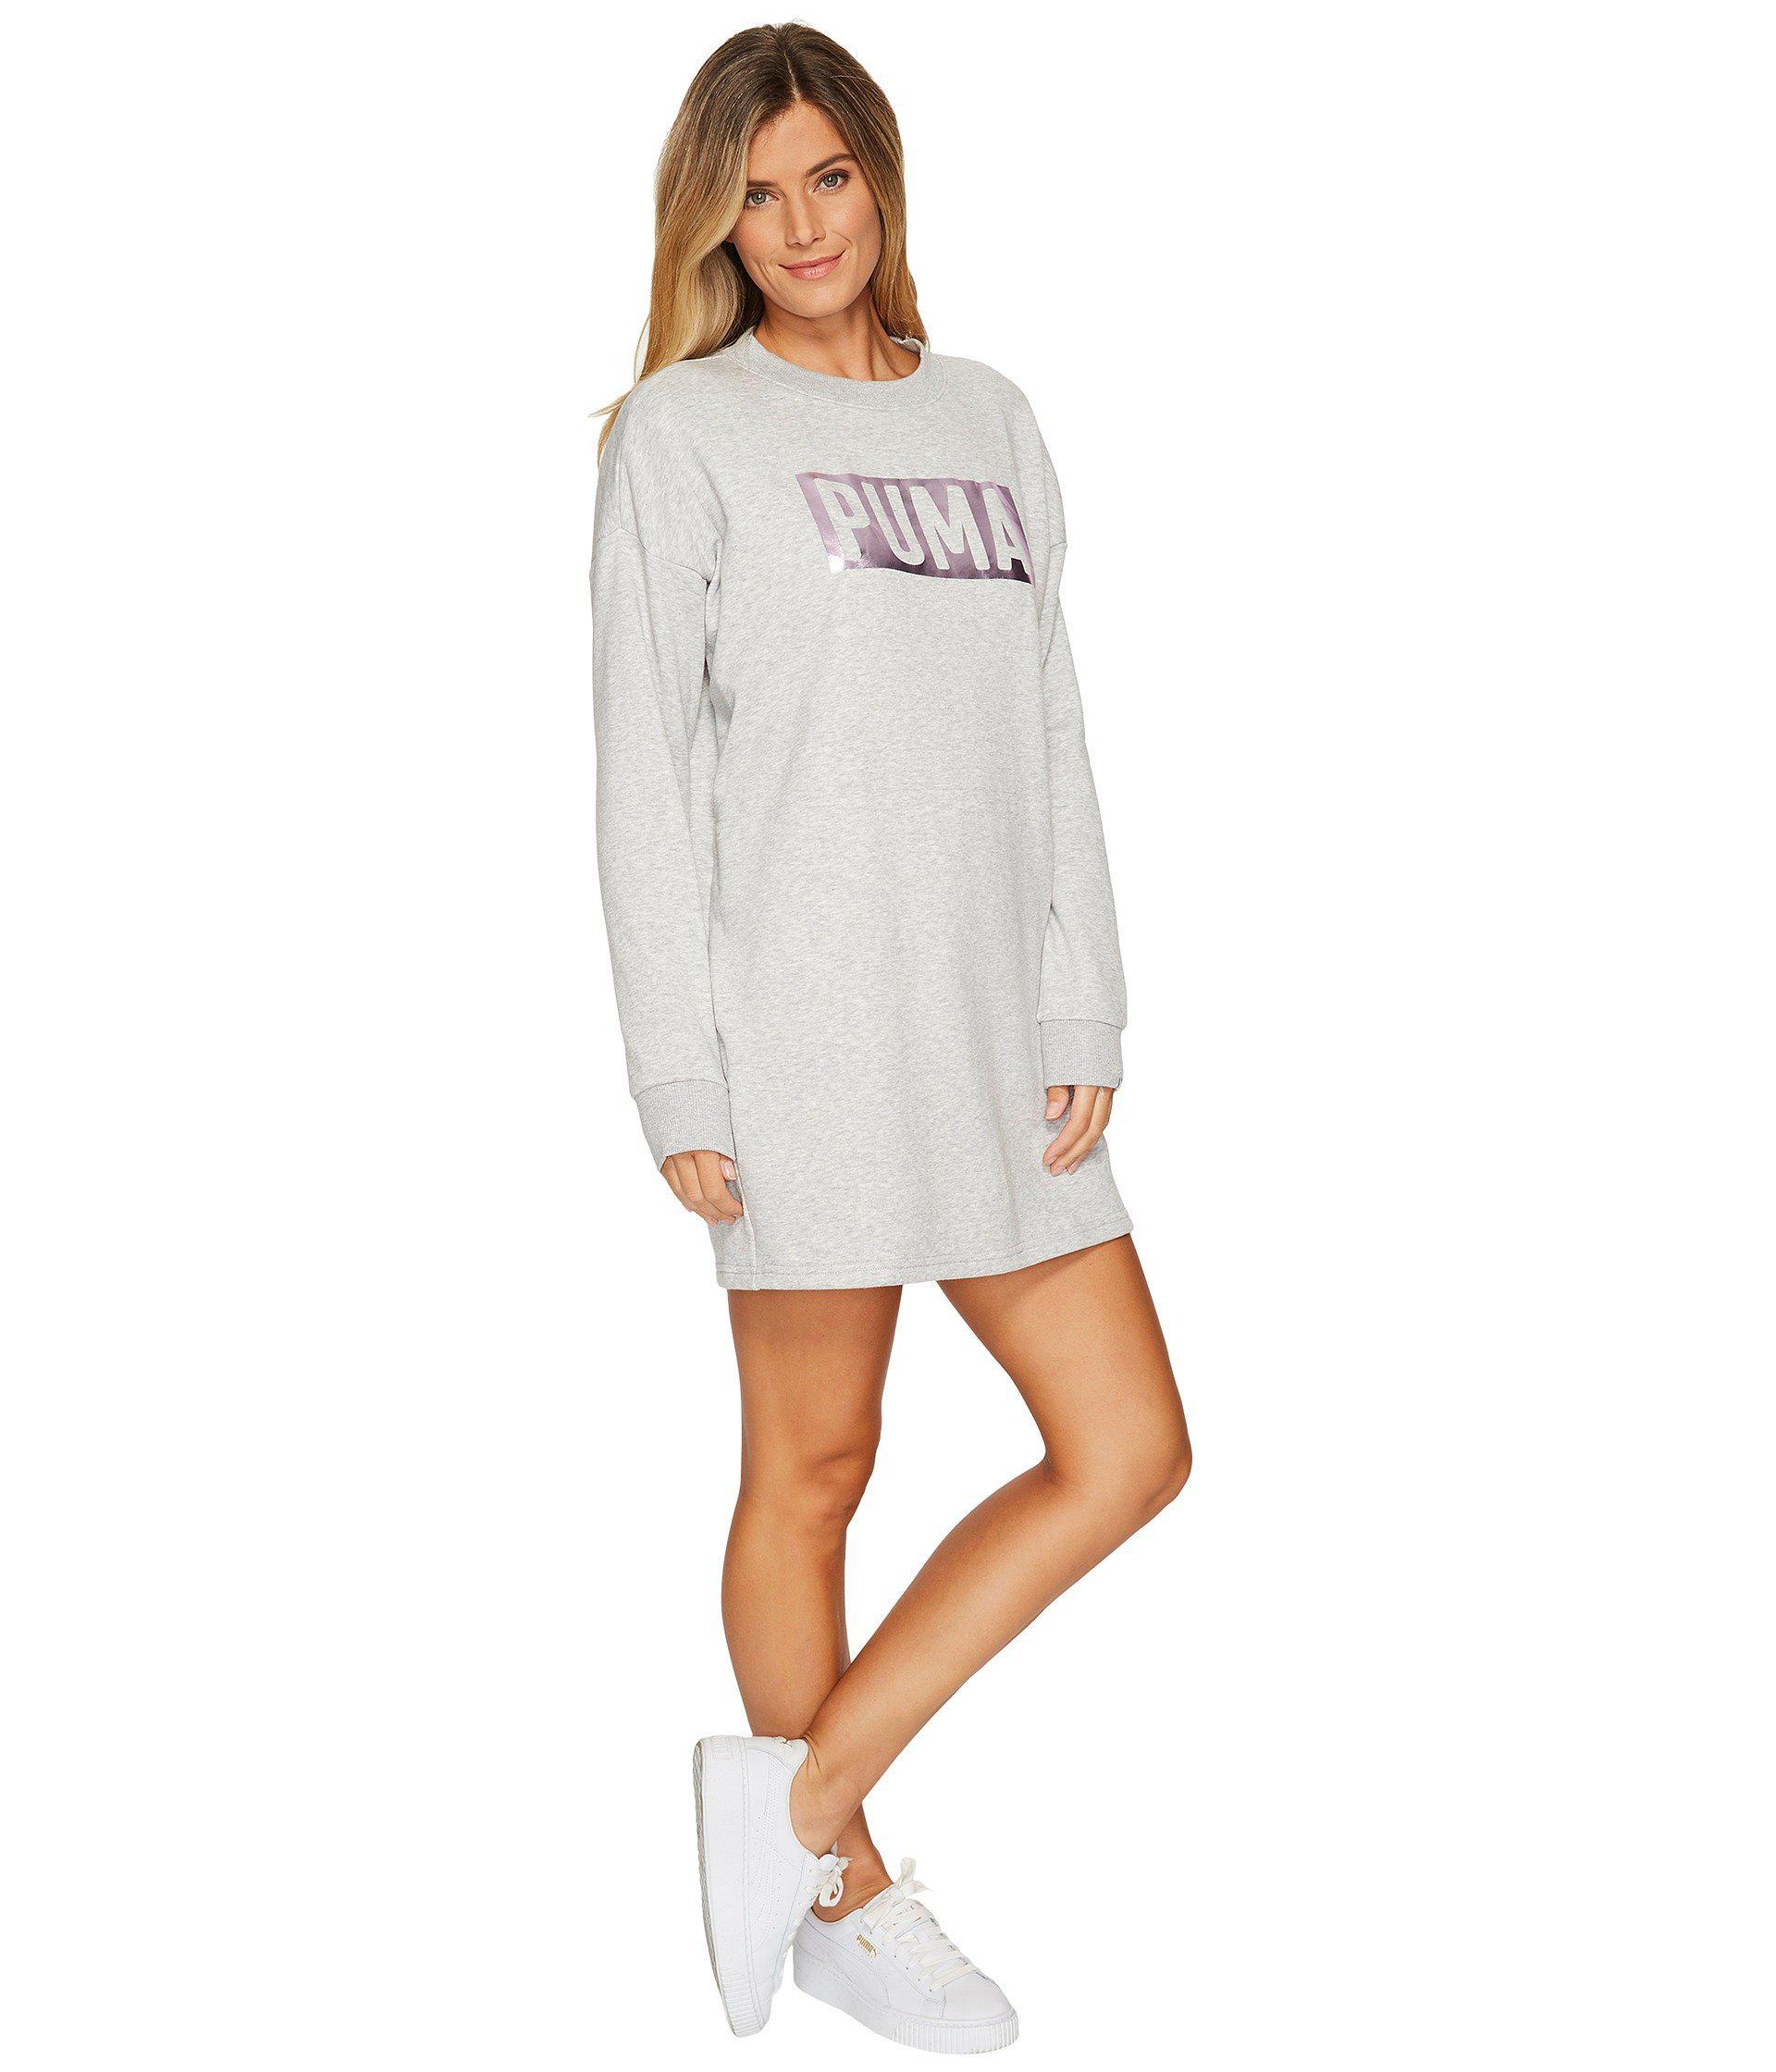 hyvä valtava valikoima halpa hinta PUMA Gray Fusion Crew Sweat Dress